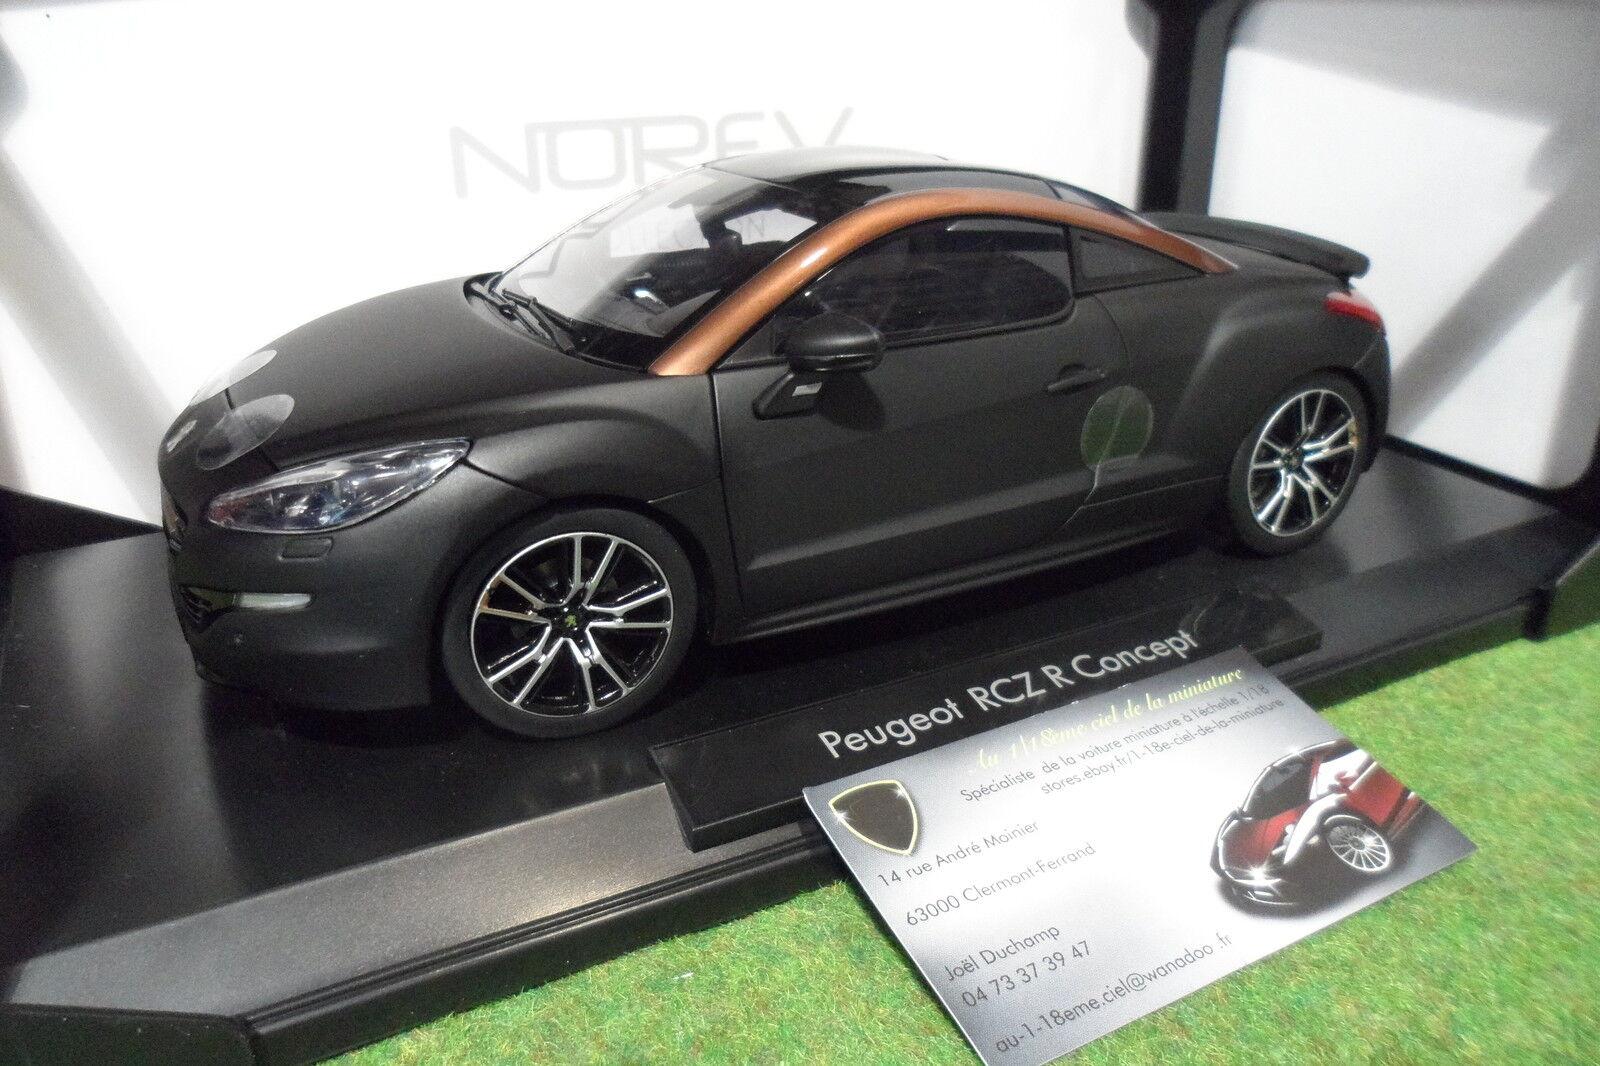 PEUGEOT  RCZ R concept Salon PARIS 2012 noir 1 18 NOREV 184785 voiture miniature